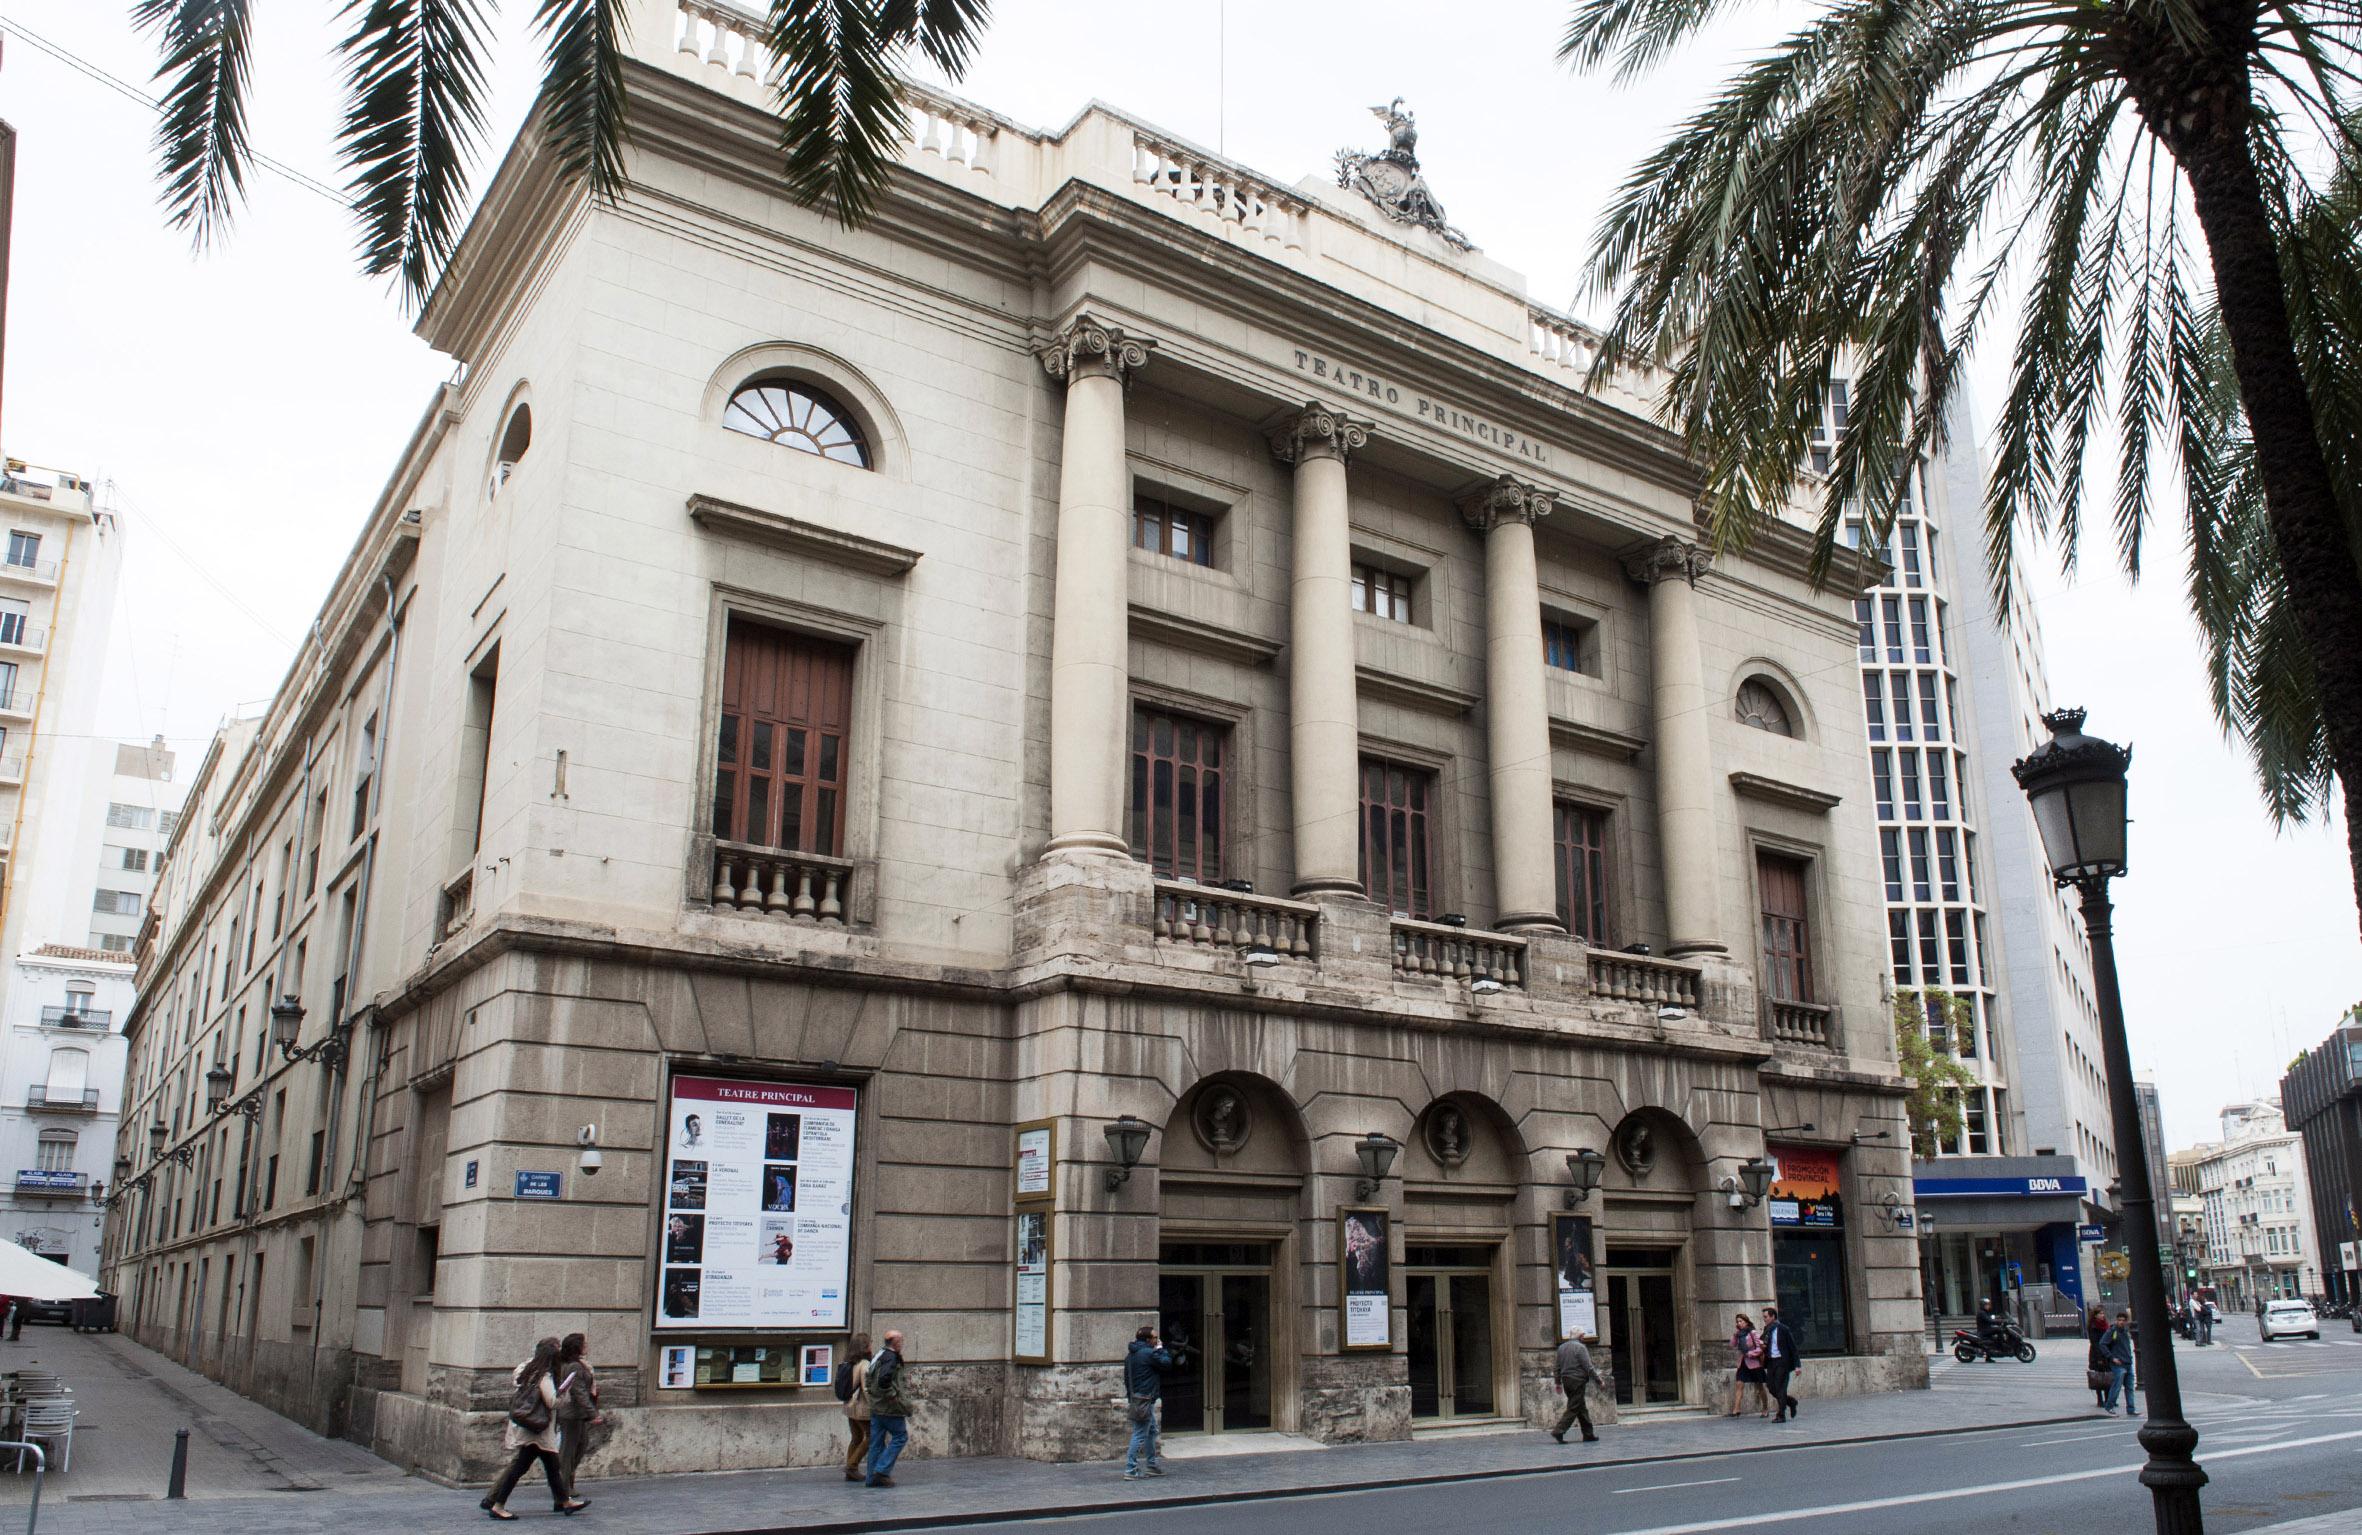 La institución que preside Jorge Rodríguez pretende frenar el deterioro de un edificio emblemático al que se dará esplendor eliminando grietas y goteras y limpiando y adecuando las escaleras del interior.